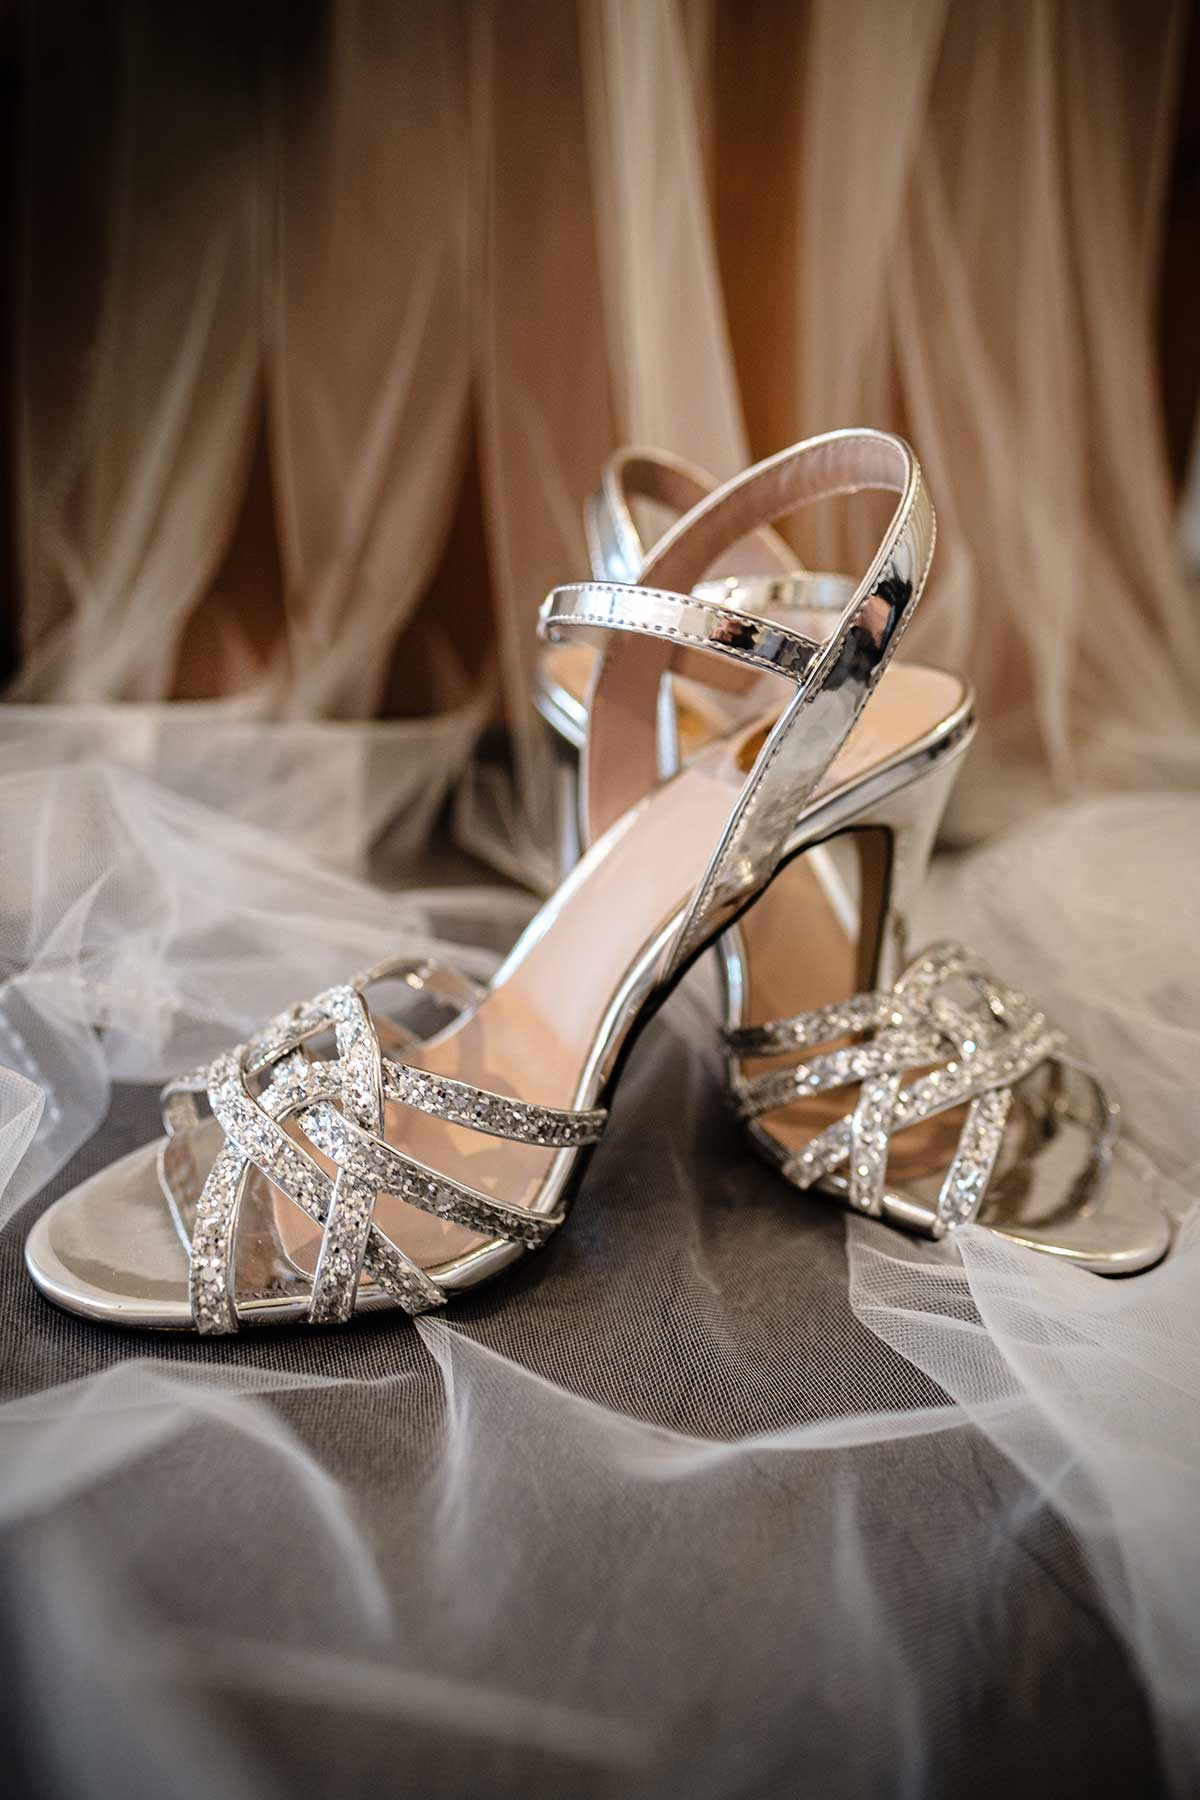 Schuhe von der Braut